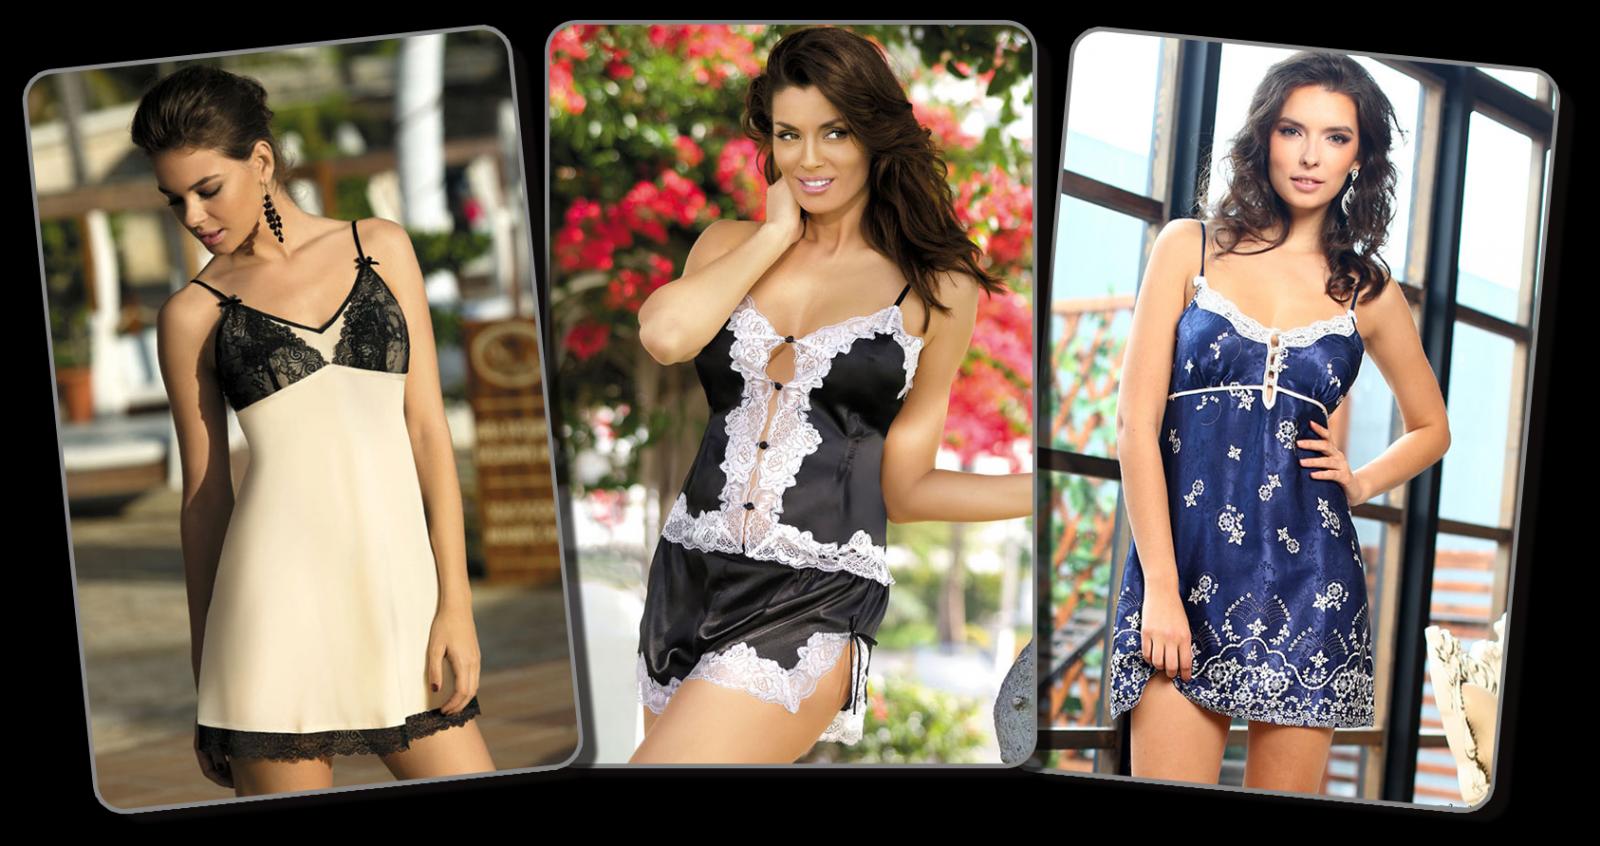 Интернет-магазин «Мир домашнего уюта» представляет новинки женской одежды итальянского бренда «Mia-Mia» - фото №1